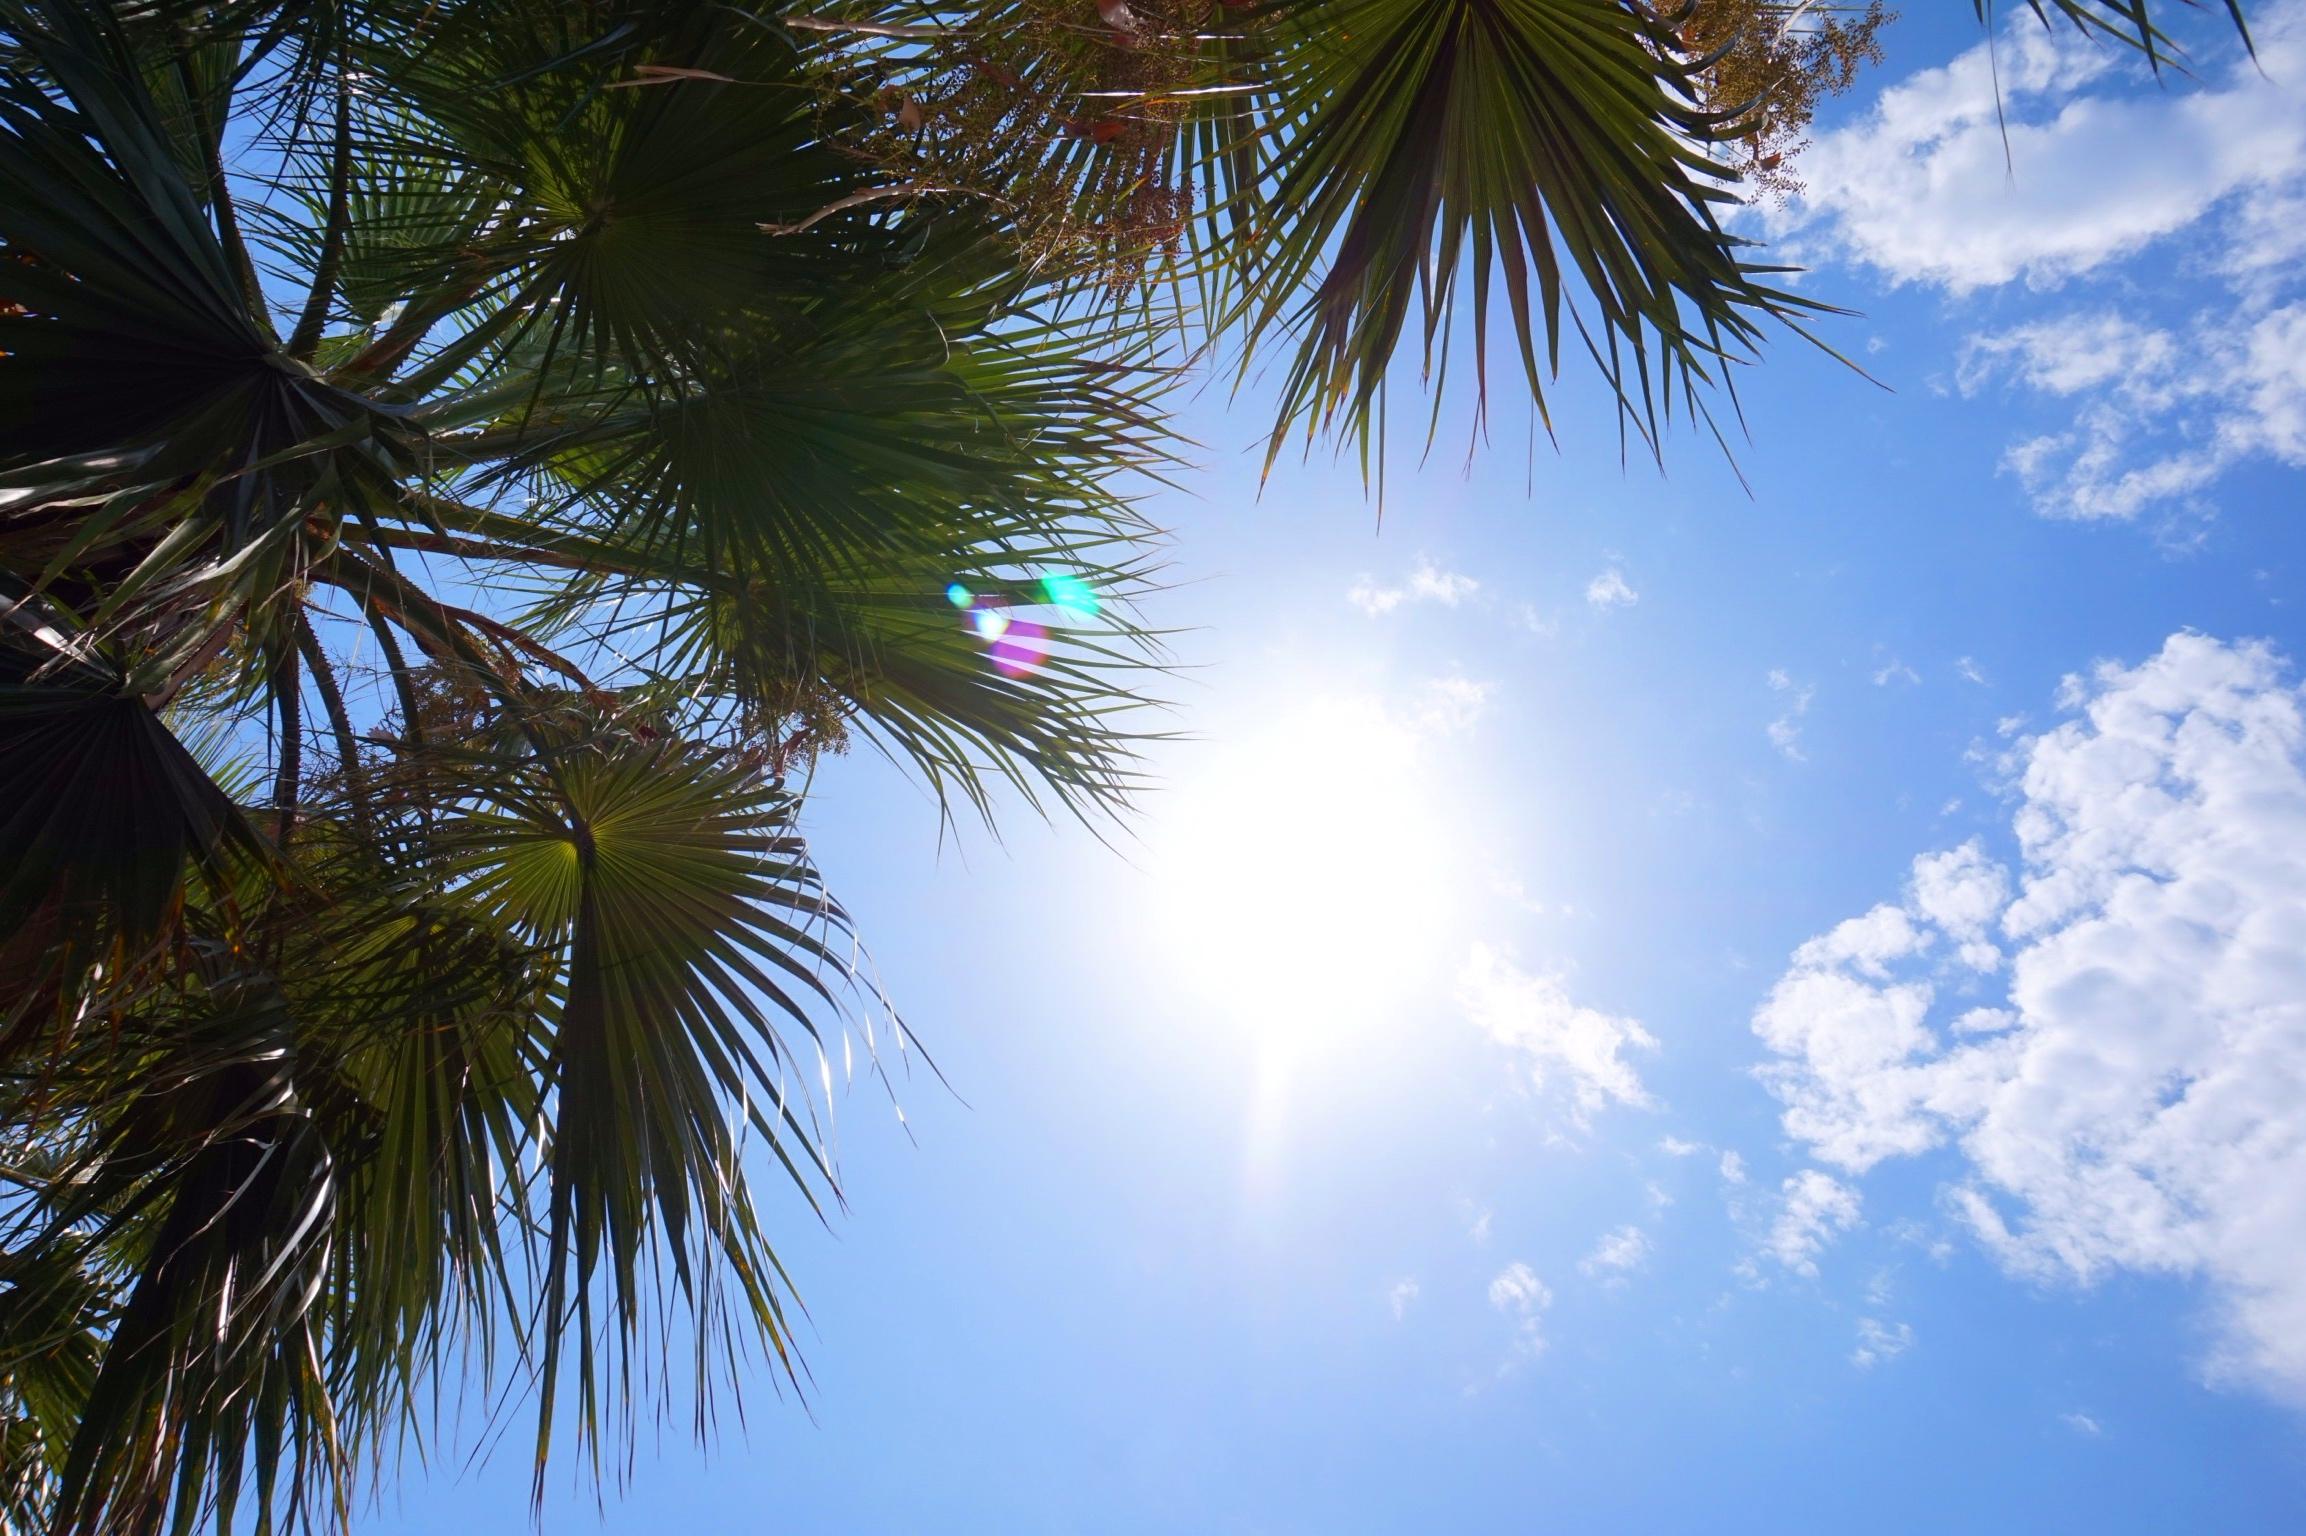 są palmy - są wakacje